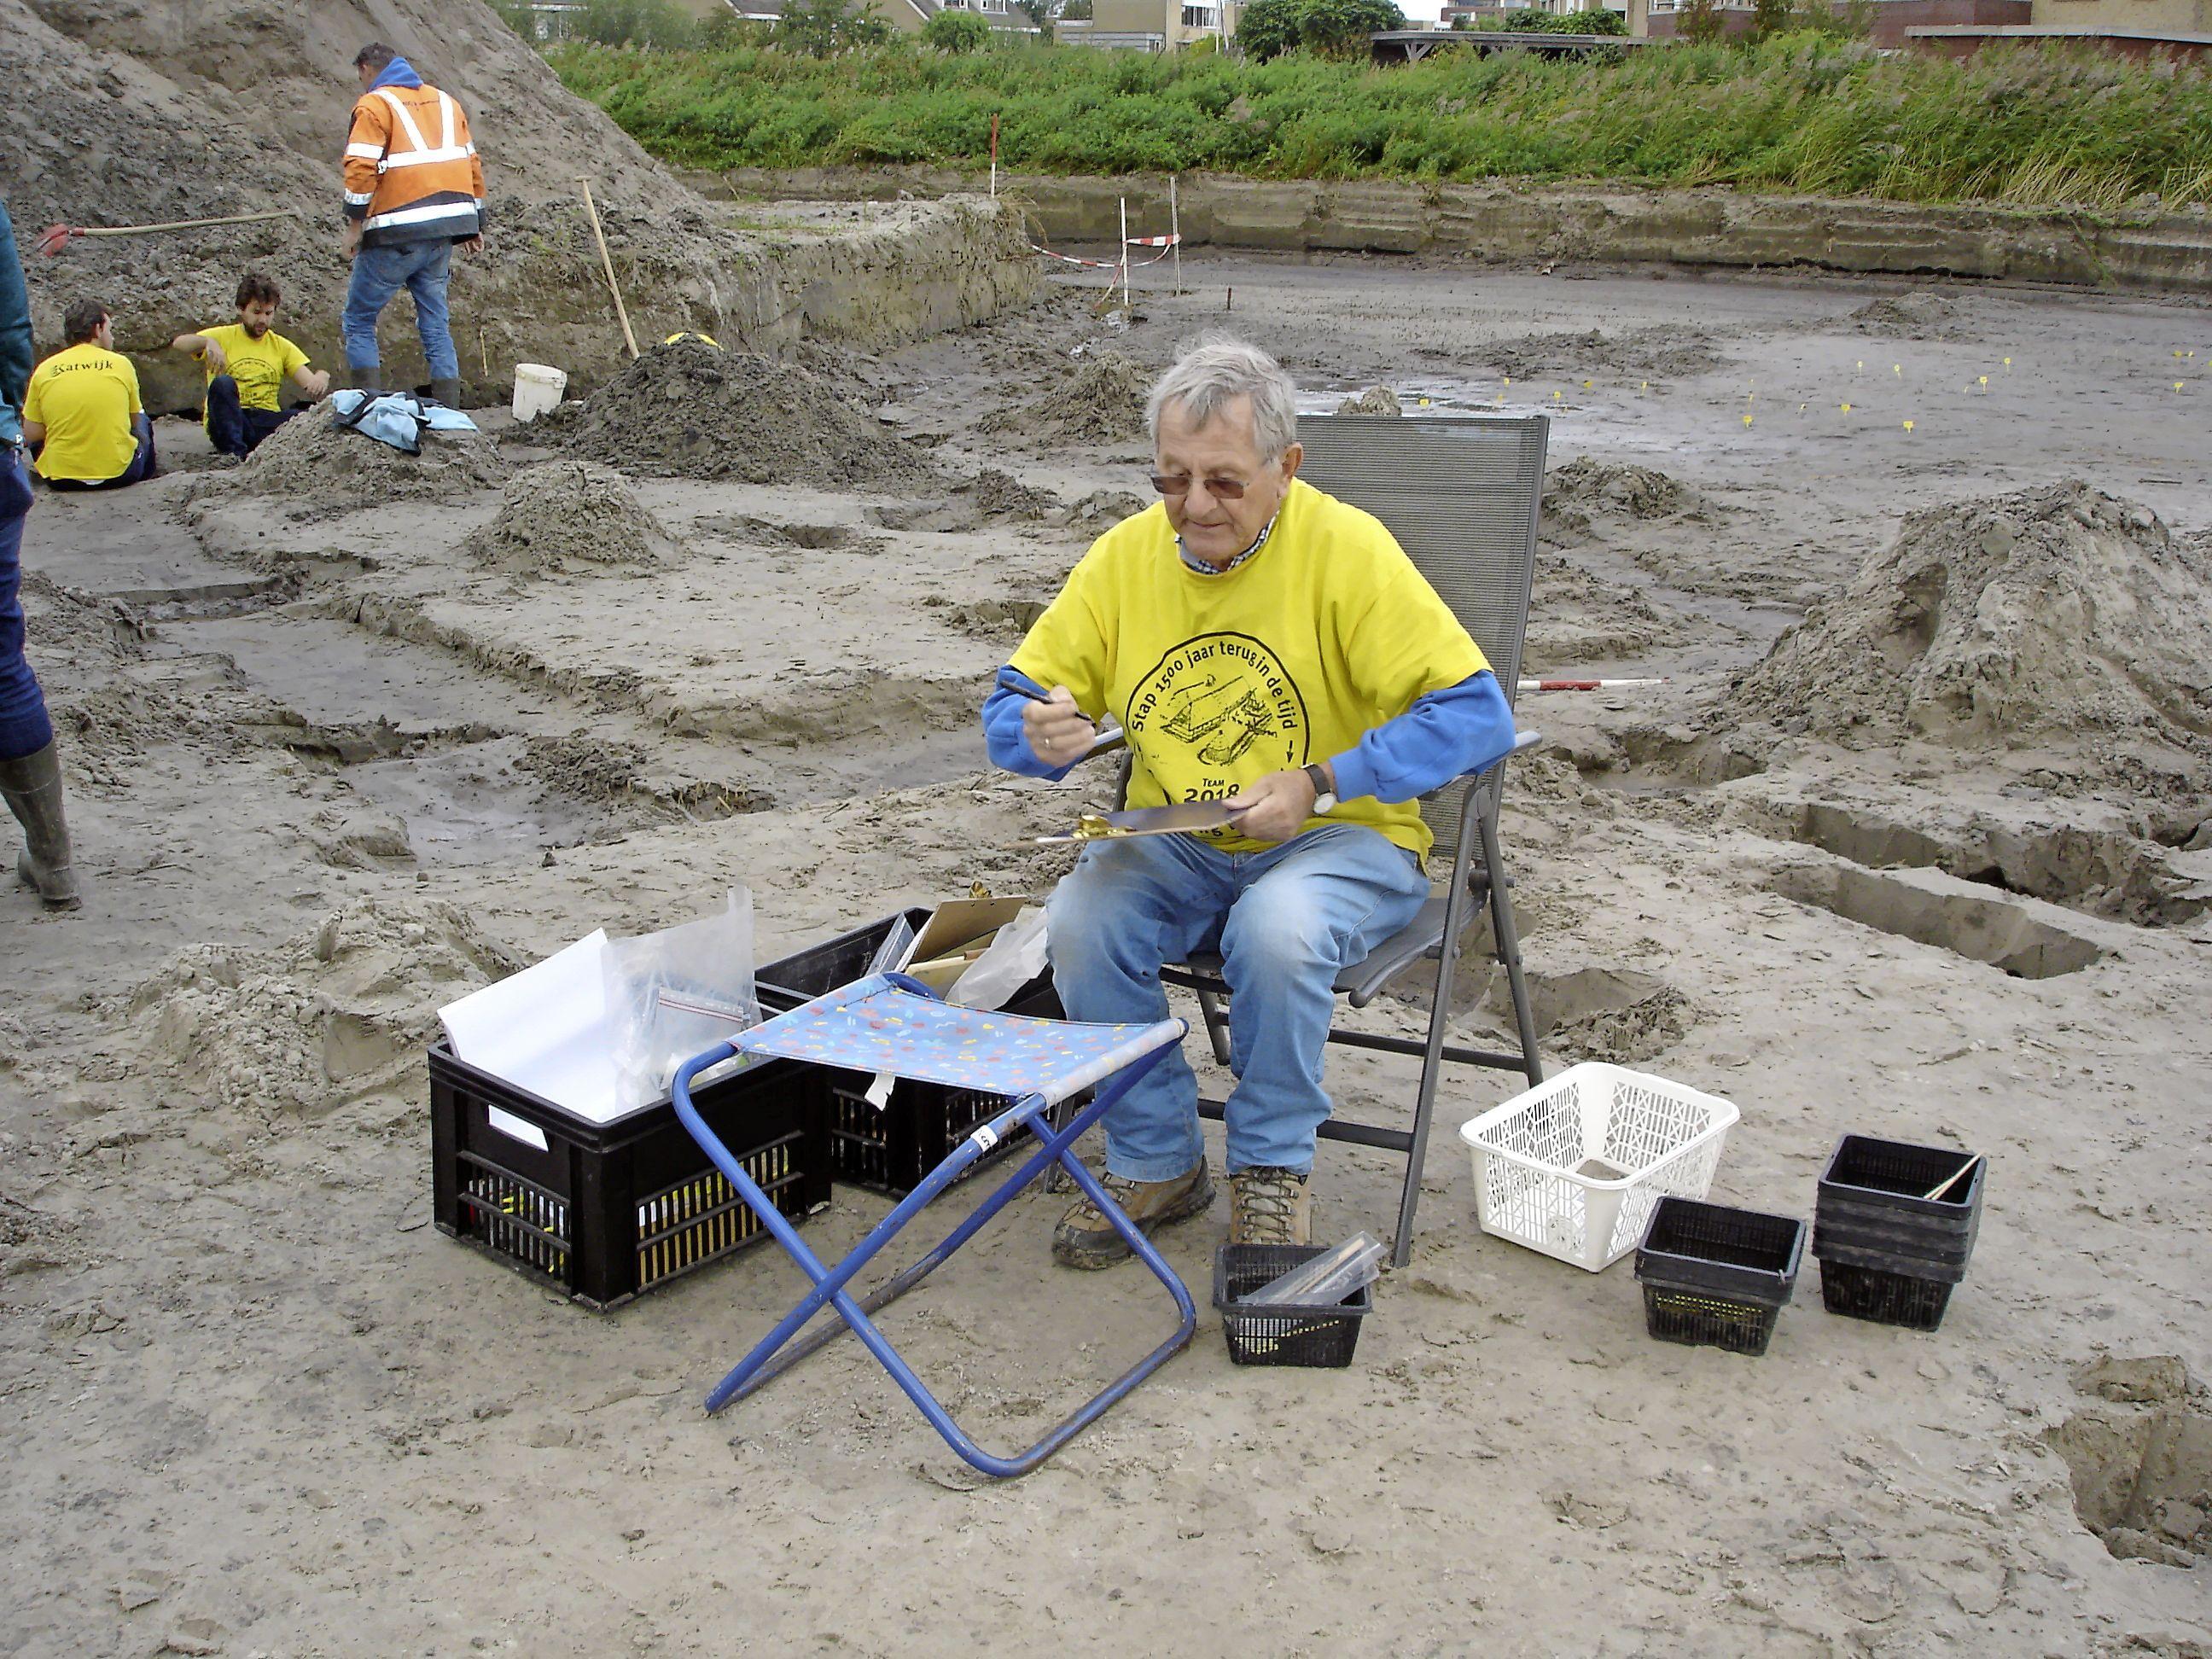 Voorschotense amateurarcheoloog vertaalt taaie onderzoeksrapporten over bijzondere bodemvondsten in Zuid-Holland Noord in boekjes voor het publiek: 'Veel moois onder de grond'